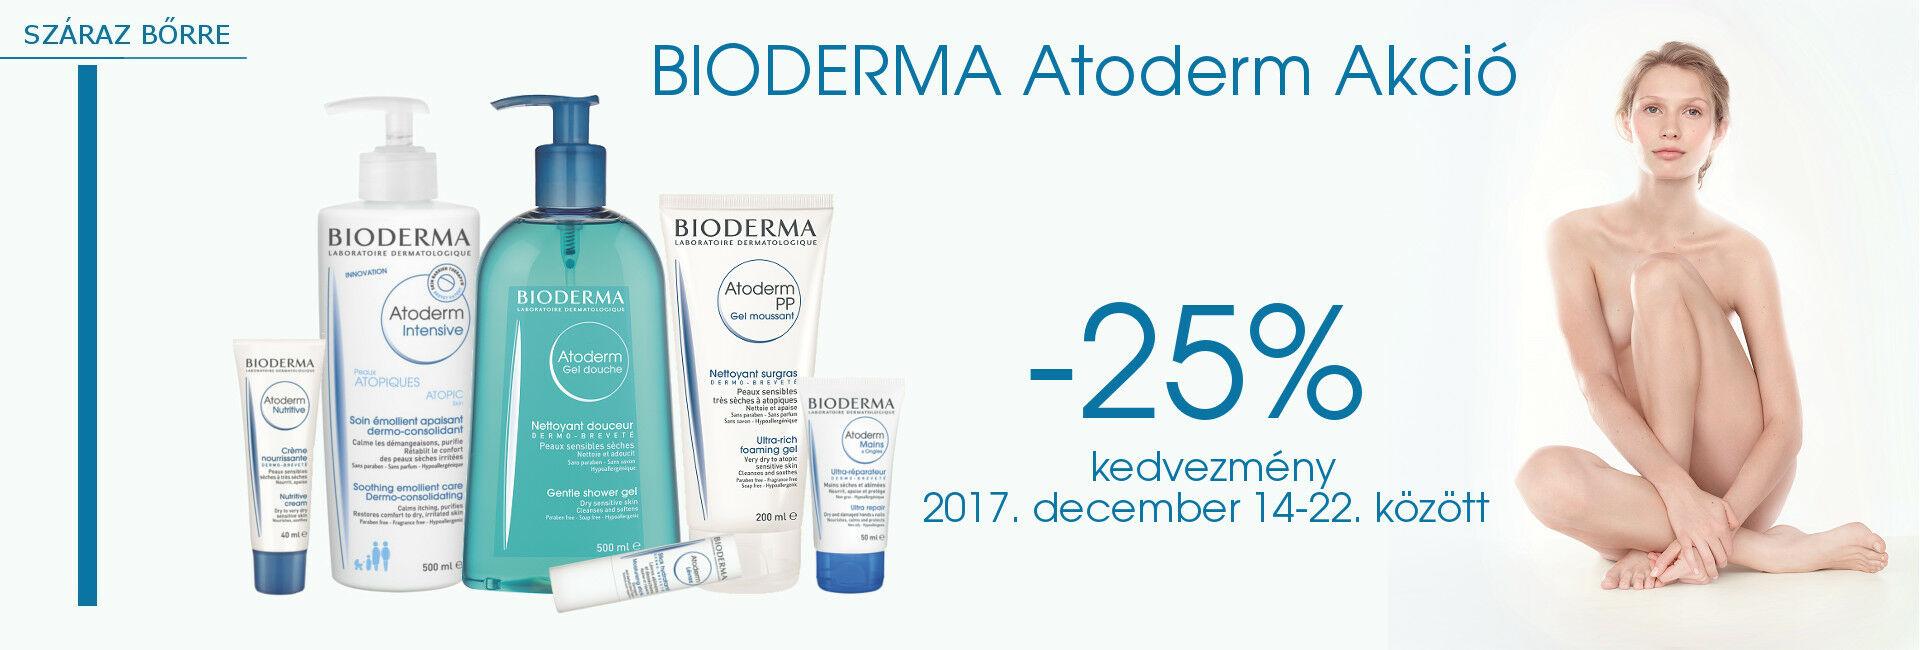 Bioderma Atoderm termékeket 2017. december 14-22. között 25% kedvezménnyel kínáljuk!